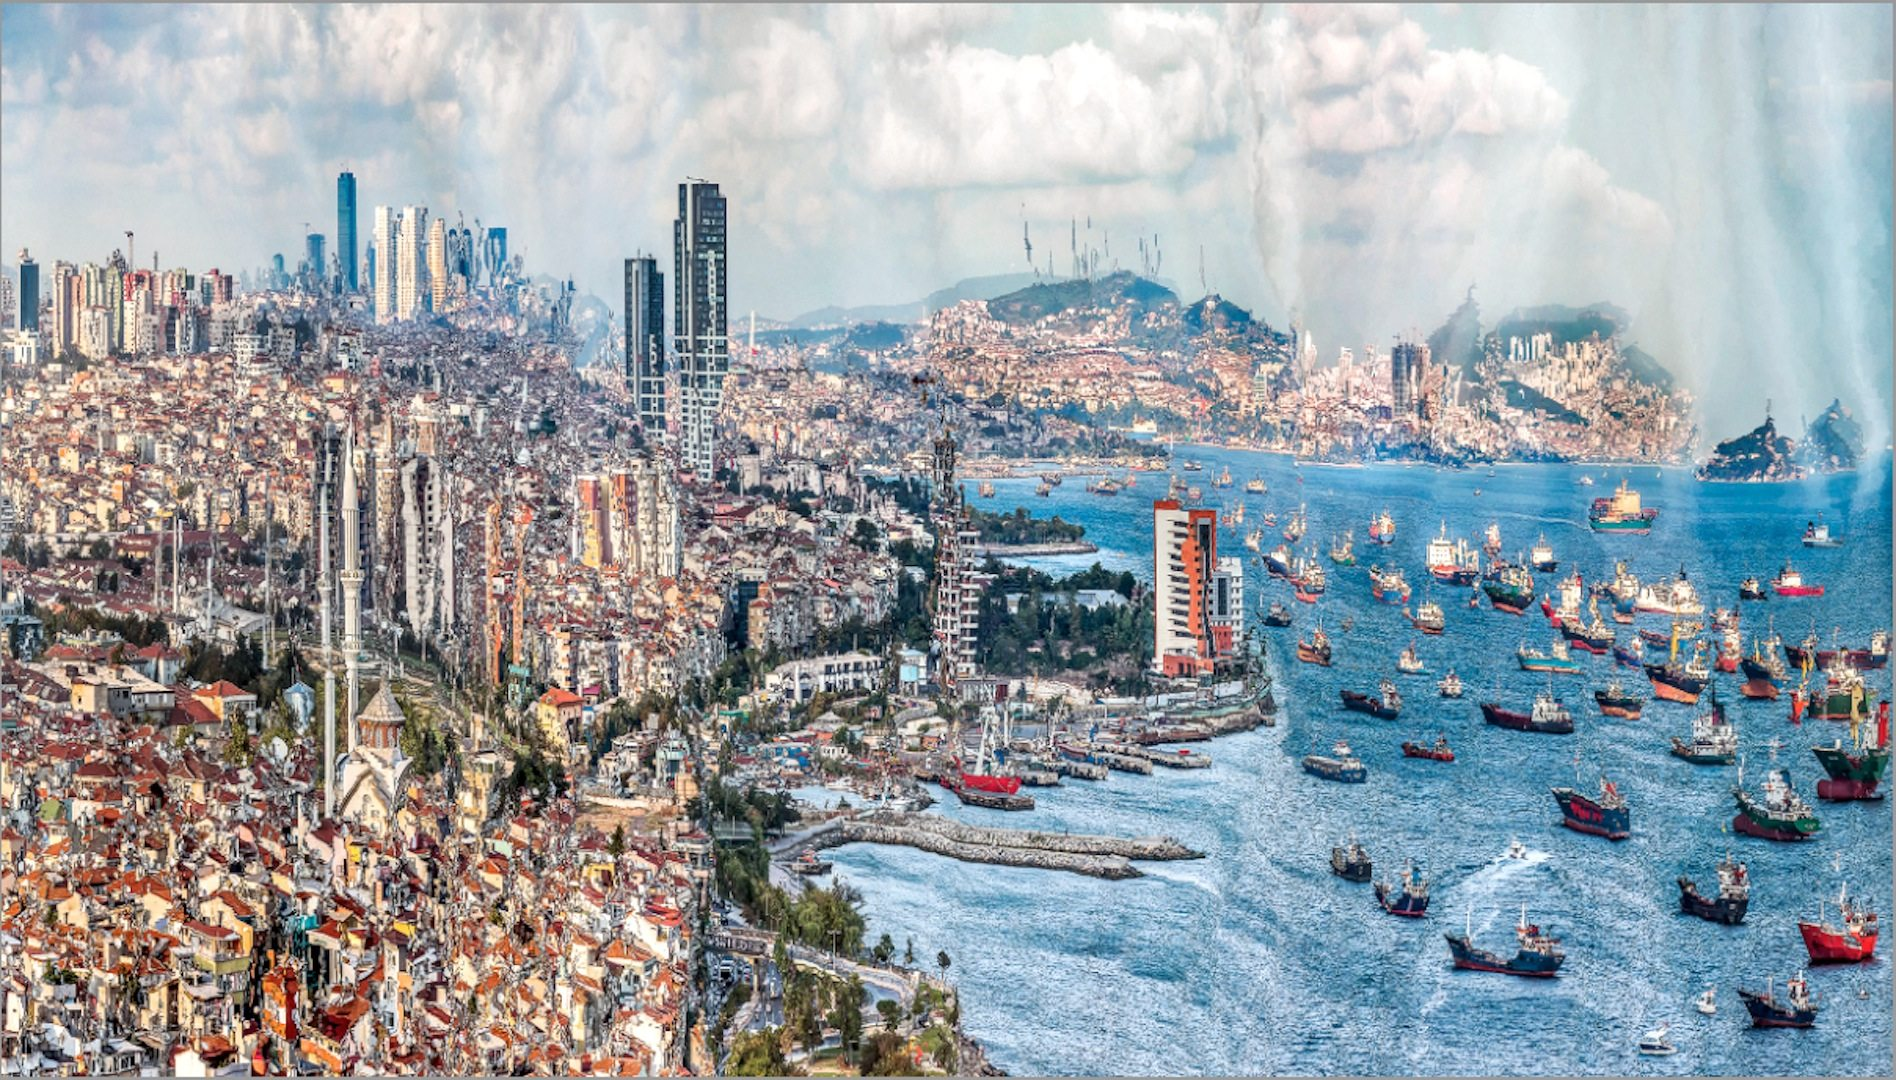 """Ataköy #1. Aus der """"Muta-morphosis""""-Serie des Künstlers Germen, der die Panorama-Malerei des späten 19. Jahrhunderts mit der zeitgenössischen Entwicklung des Geschäftsviertels Ataköy verbindet."""